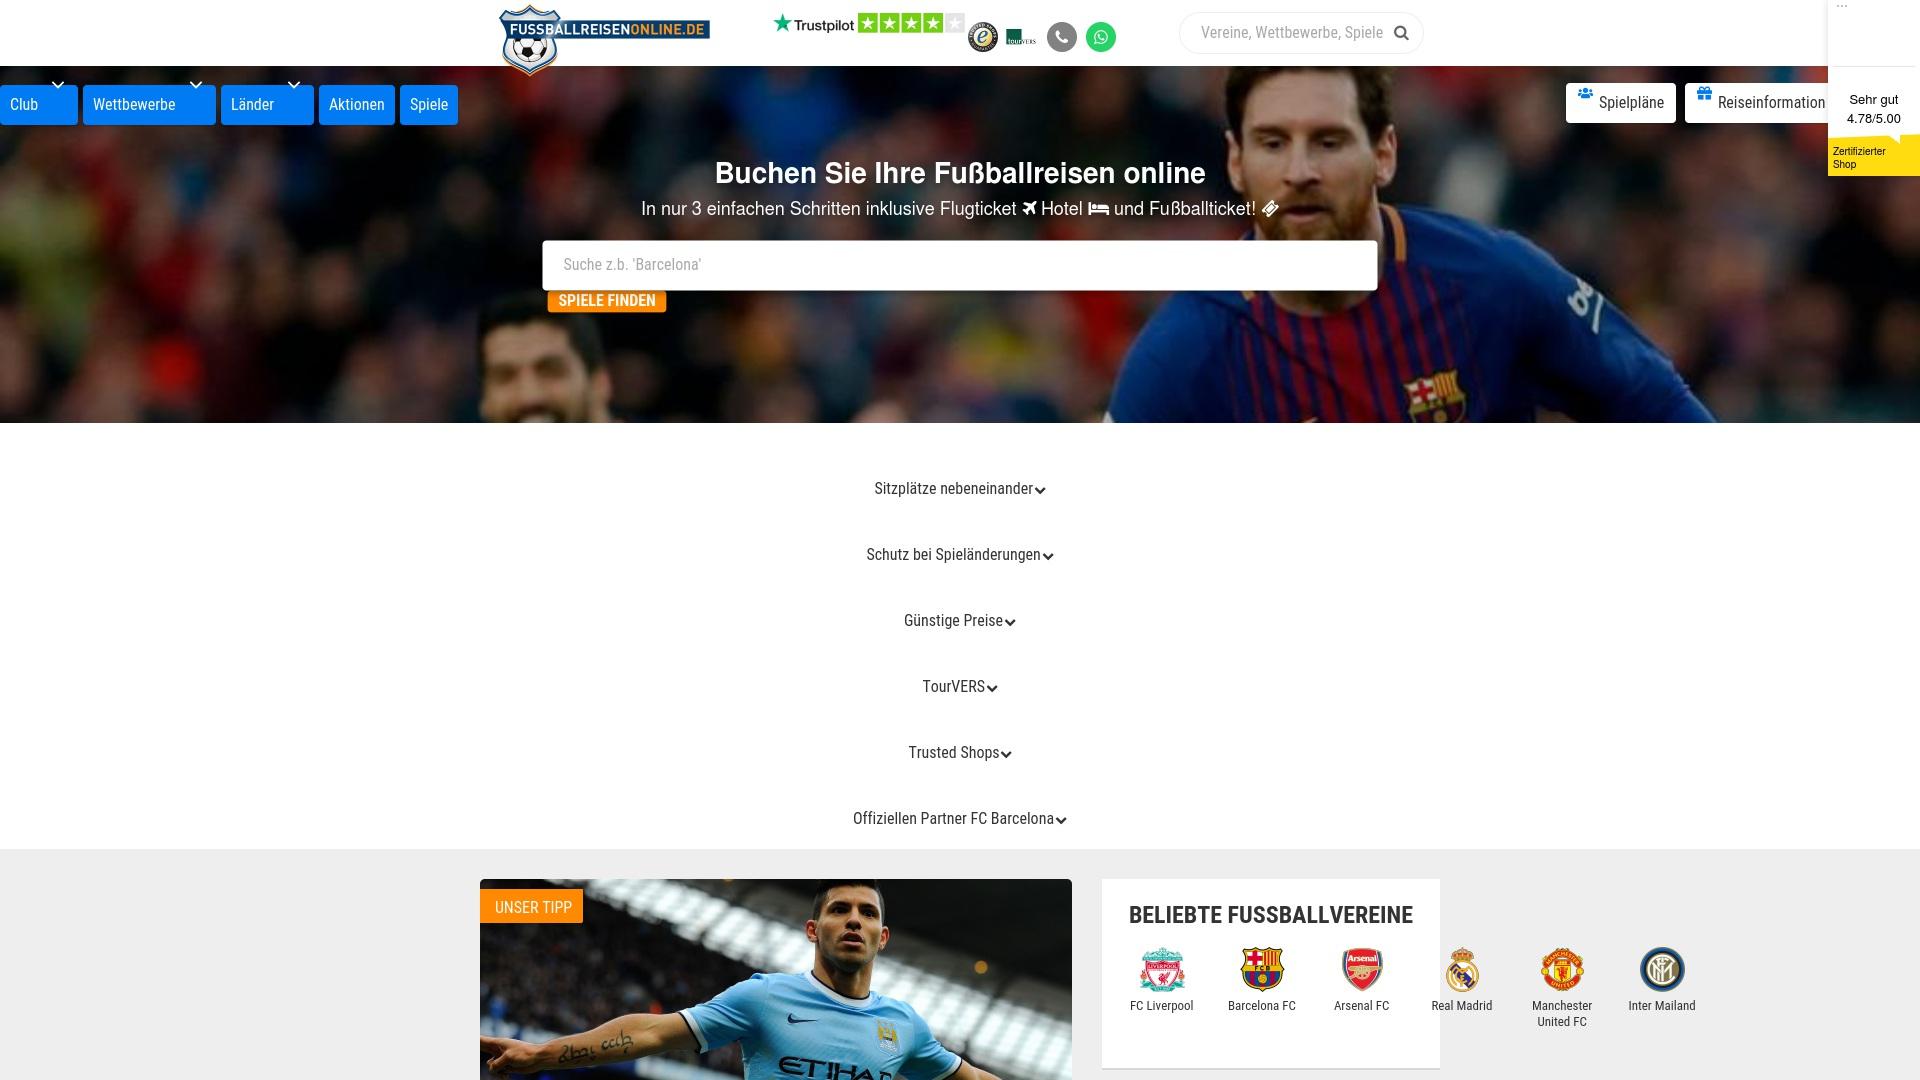 Gutschein für Fussballreisenonline: Rabatte für  Fussballreisenonline sichern